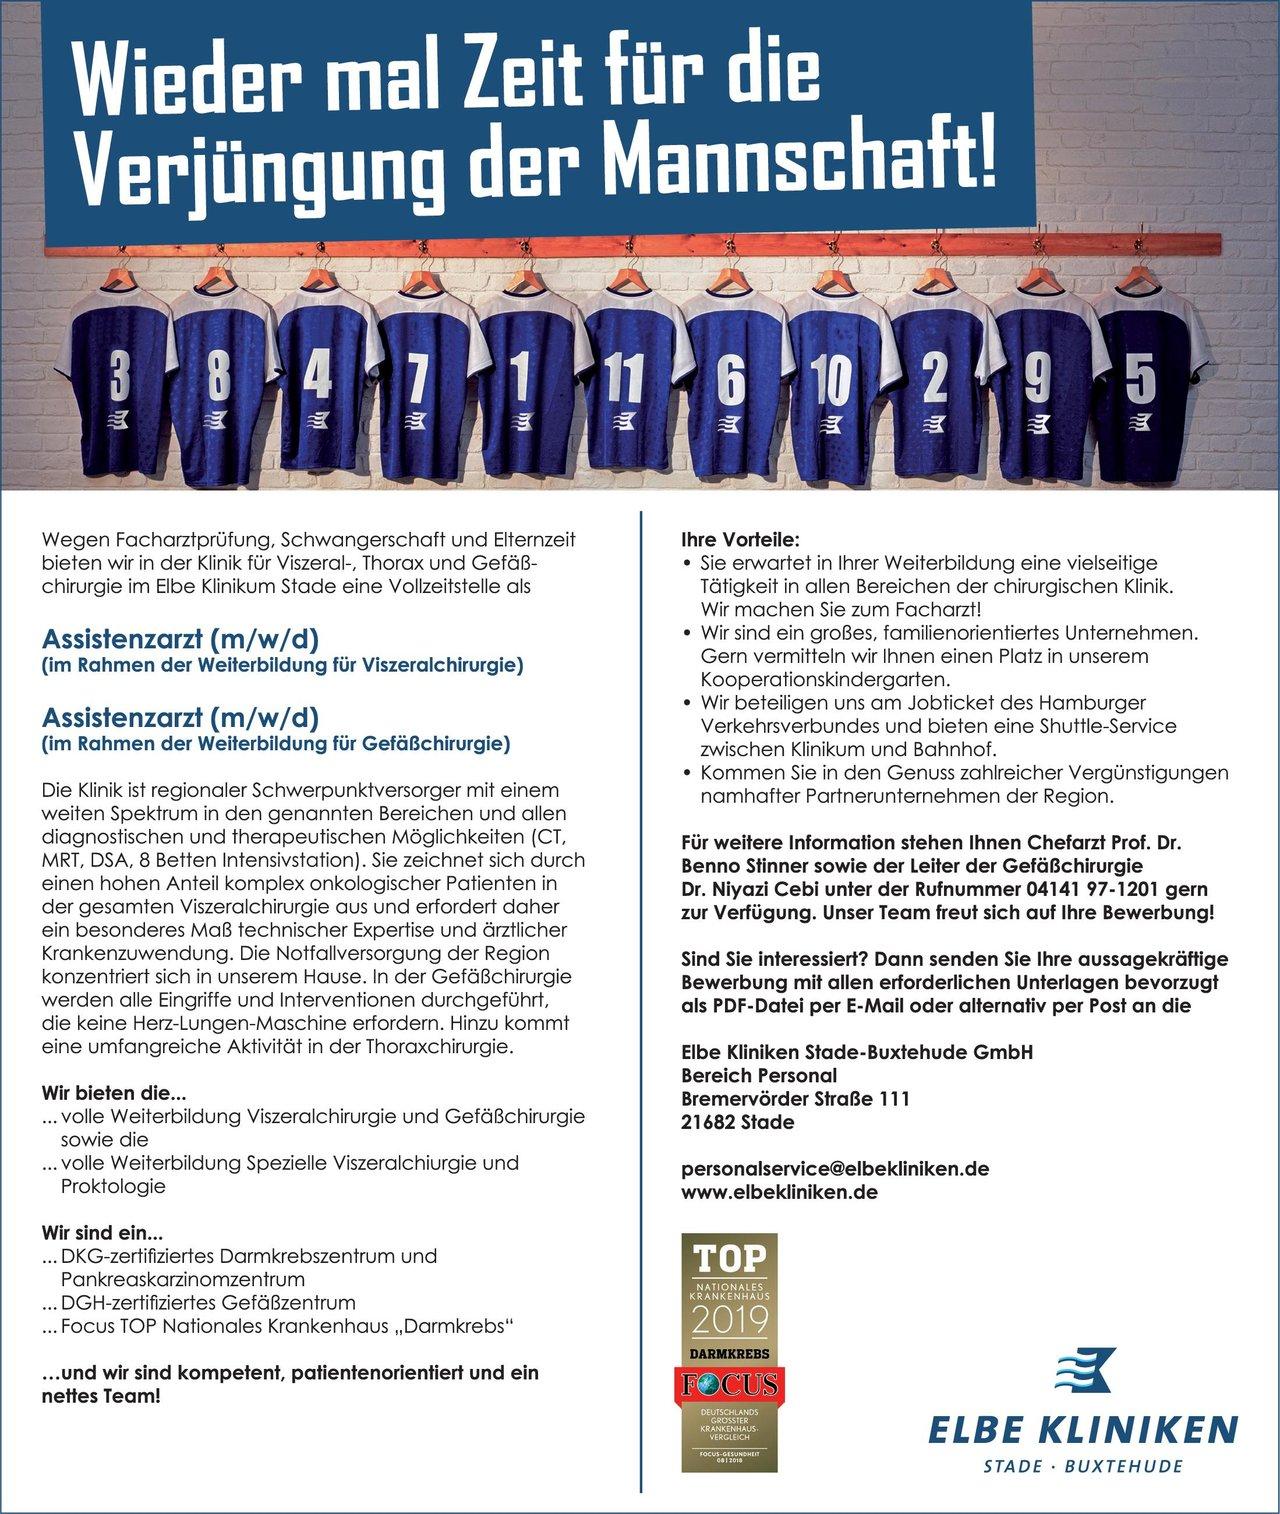 Elbe Kliniken Stade-Buxtehude GmbH Assistenzarzt (m/w/d) (im Rahmen der Weiterbildung für Viszeralchirurgie)  Viszeralchirurgie, Chirurgie Assistenzarzt / Arzt in Weiterbildung